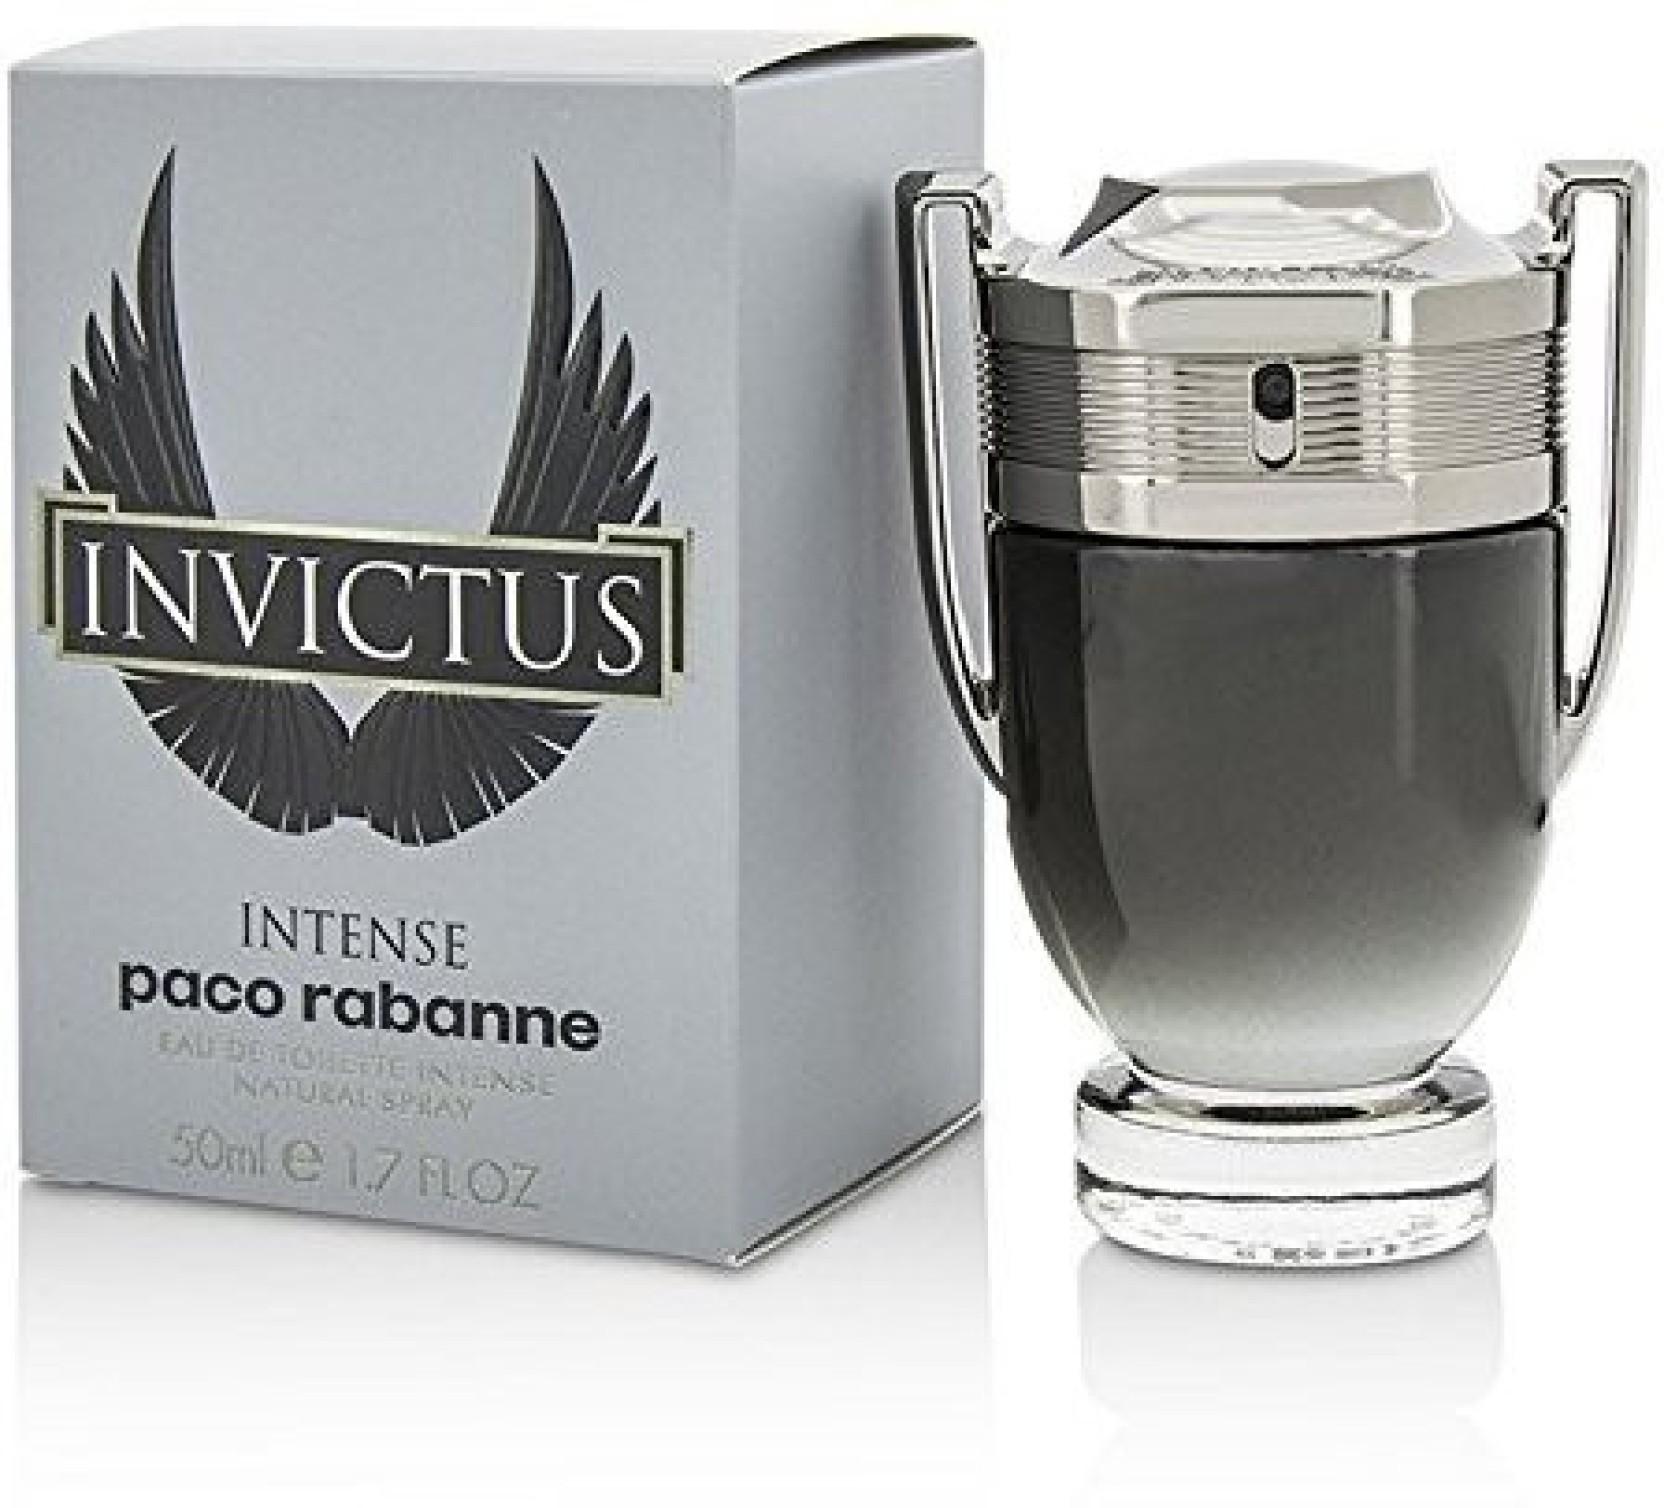 Toilette Gain De Place buy paco rabanne invictus intense unboxed tester eau de